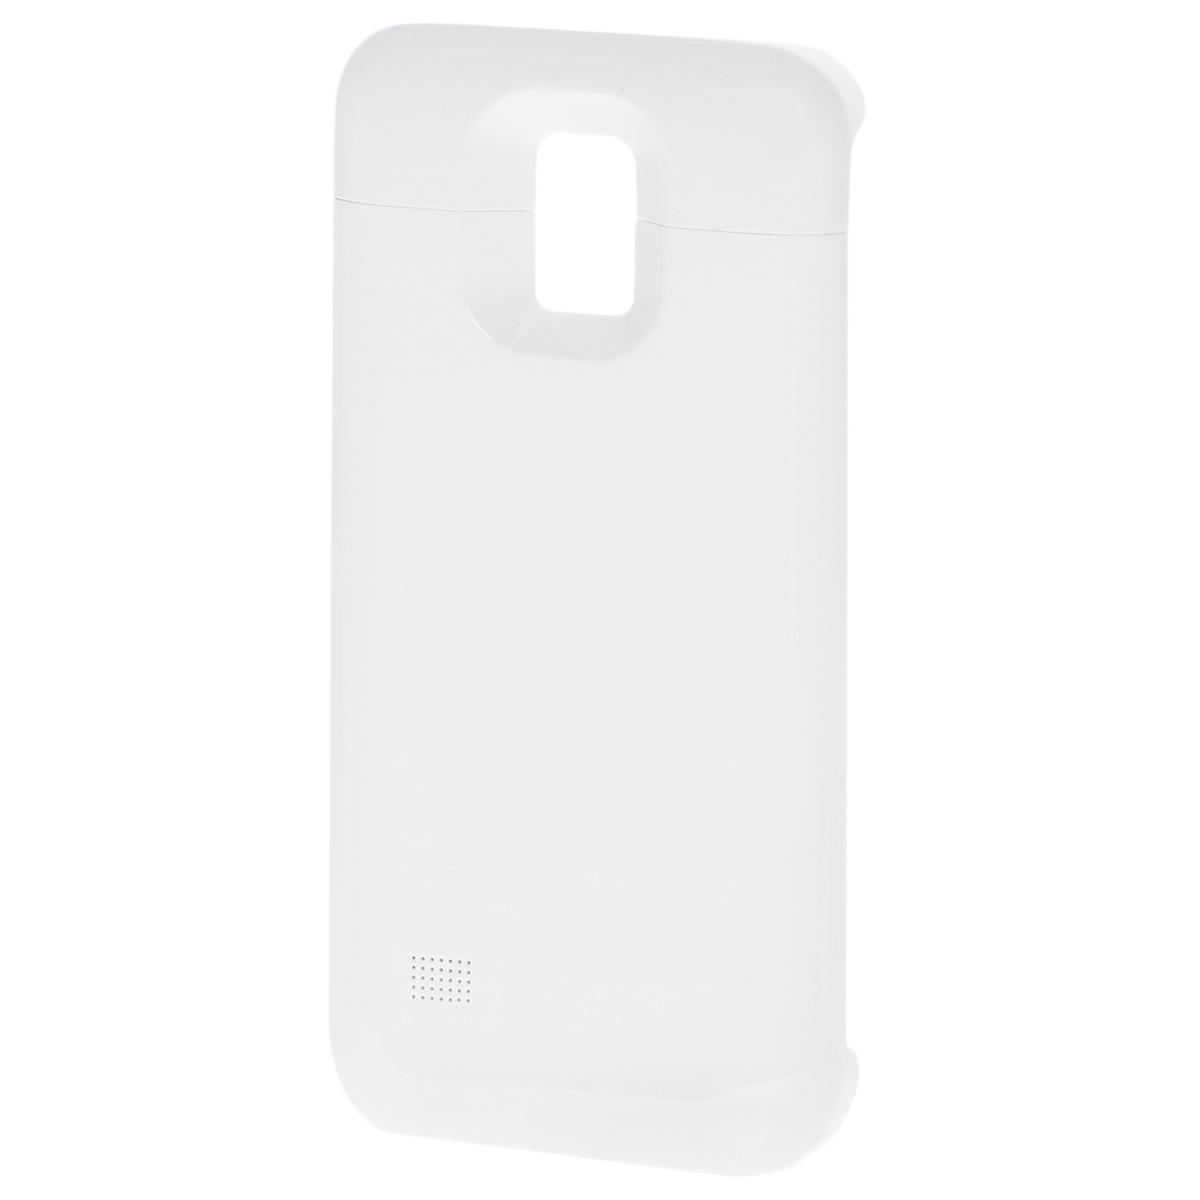 EXEQ HelpinG-SC09 чехол-аккумулятор для Samsung Galaxy S5 mini, White (3300 мАч, клип-кейс)HelpinG-SC09 WHExeq HelpinG-SC09 – компактный и надежный чехол-аккумулятор для Samsung Galaxy S5 mini. Как чехол Exeq HelpinG-SC09 надежно защитит заднюю панель вашего смартфона от ударов, царапин и загрязнений, как внешний аккумулятор с емкостью в 3300 мАч Exeq HelpinG-SC09 обеспечит дополнительную подпитку батареи смартфона в самые необходимые моменты. При этом чехол-аккумулятор имеет настолько компактные размеры, что его подсоединение практически не повлияет на габариты самого смартфона. Да и весит чехол с аккумулятором всего 69 г, что также не сильно утяжелит Ваш любимый смартфон. В качестве приятного дополнения Exeq HelpinG-SC09 имеет выдвижную подставку. Специальная конструкция чехла с выдвижной верхней частью позволит удобно и надежно поместить телефон в чехол, а при необходимости, легко и быстро достать телефон из чехла. Хотя извлекать телефон из надежного аксессуара вам вряд ли понадобится – заряжать телефон можно непосредственно в чехле, подключив к нему зарядное...